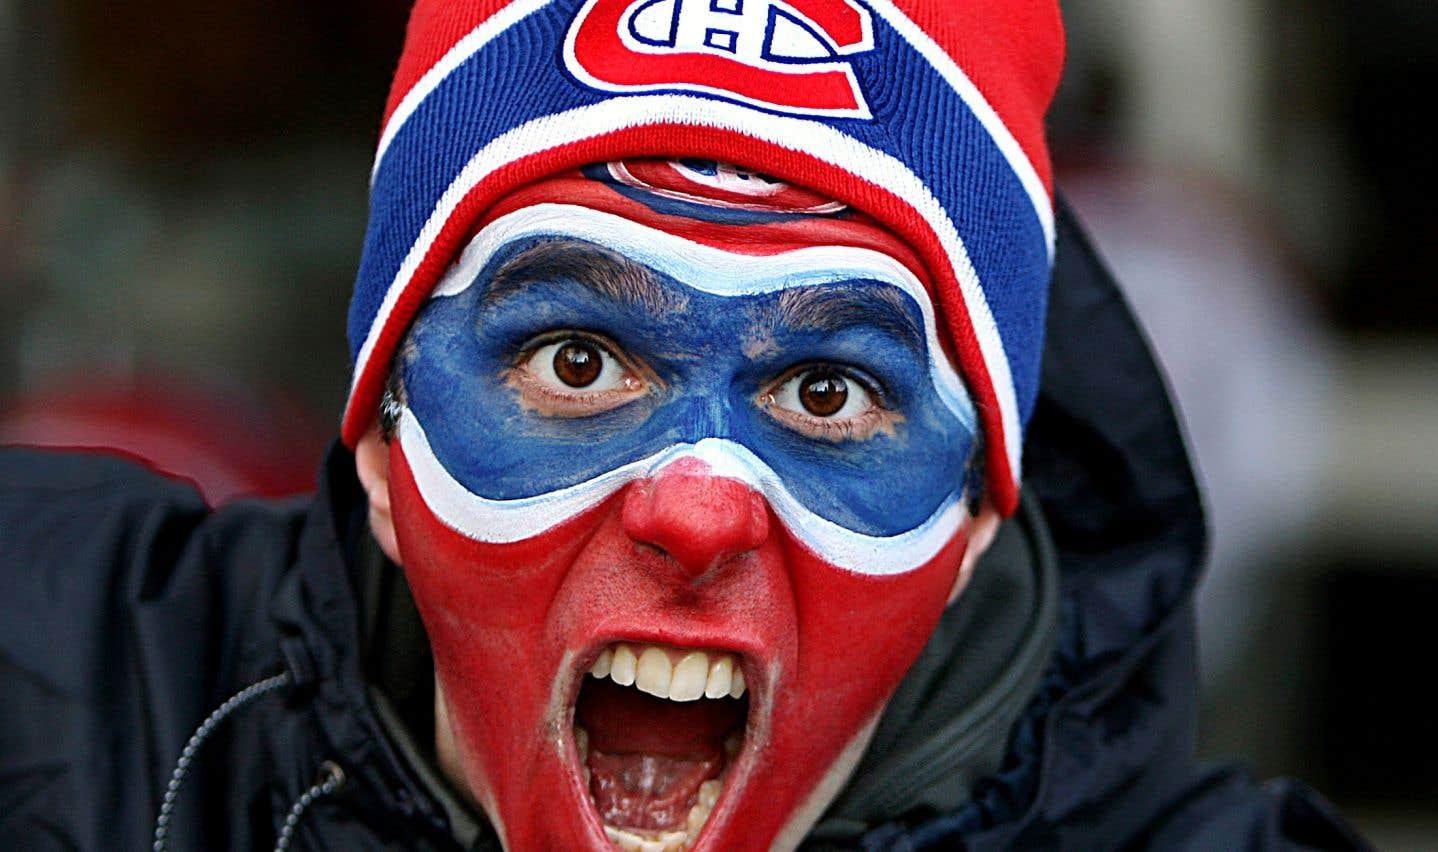 Les partisans du Canadien de Montréal ont la réputation d'être passionnés.